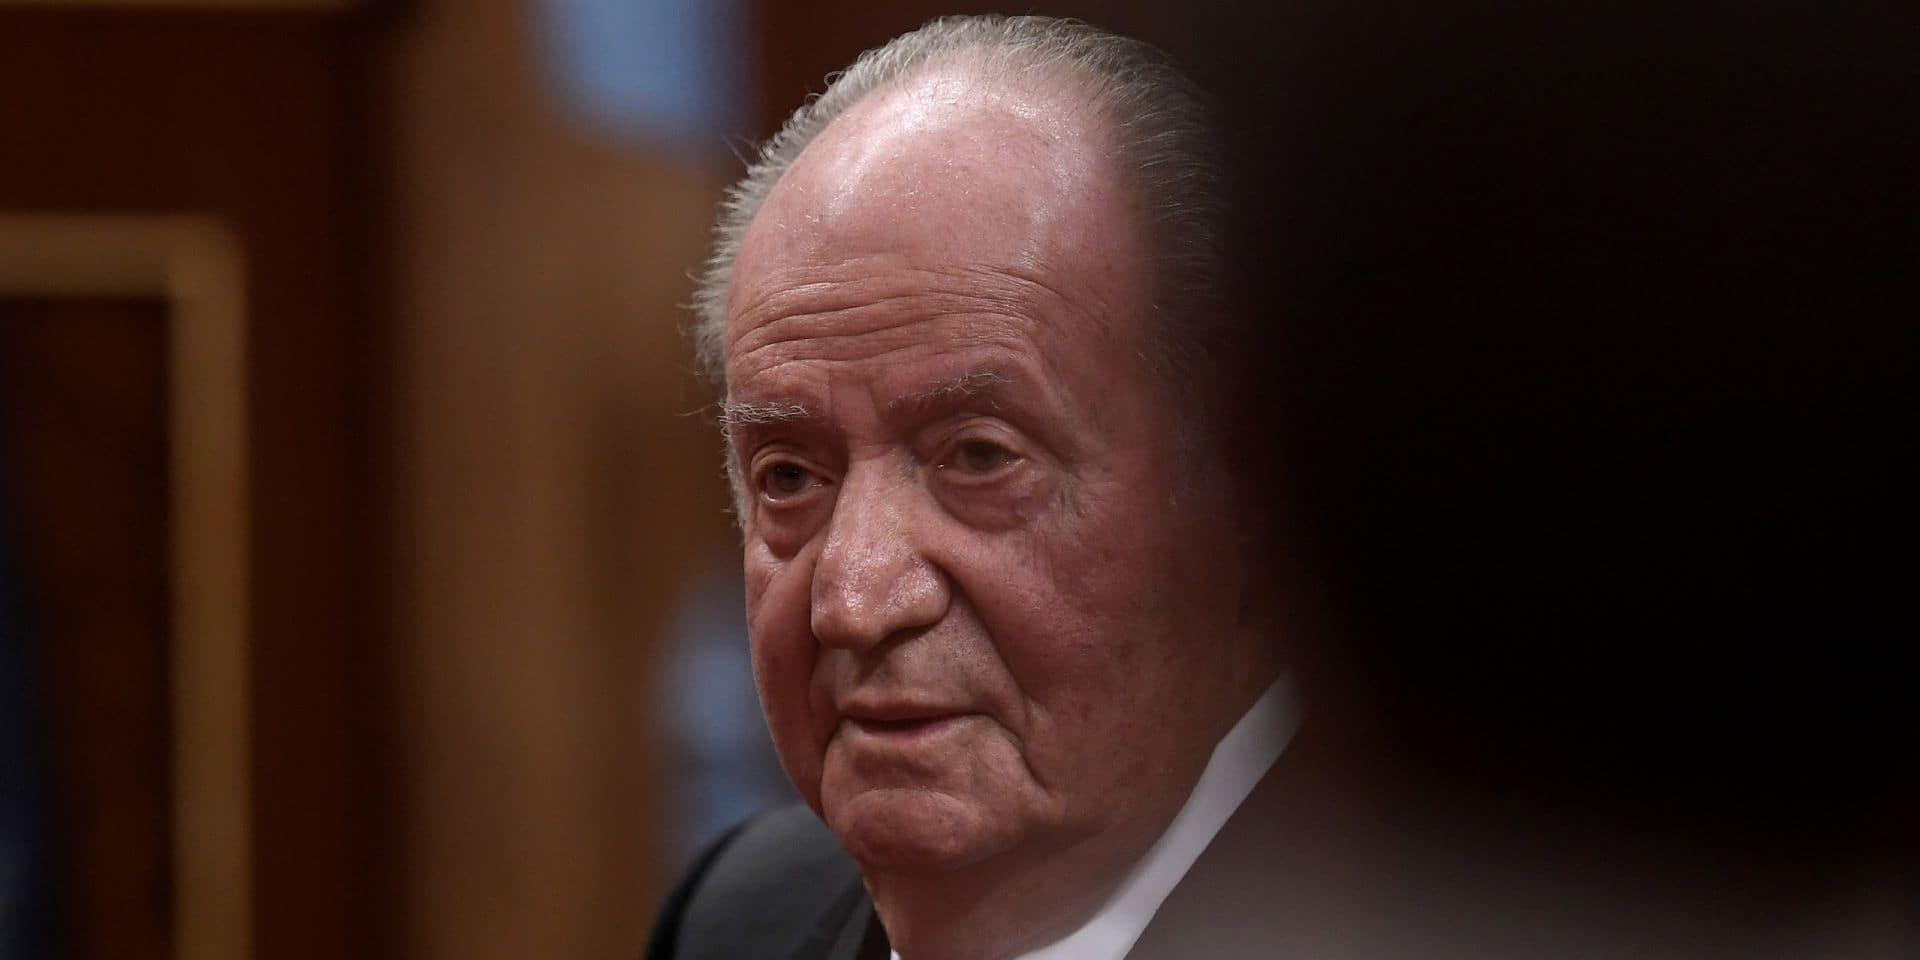 Juan Carlos : son ancienne maîtresse fait de fracassantes révélations sur la famille royale espagnole